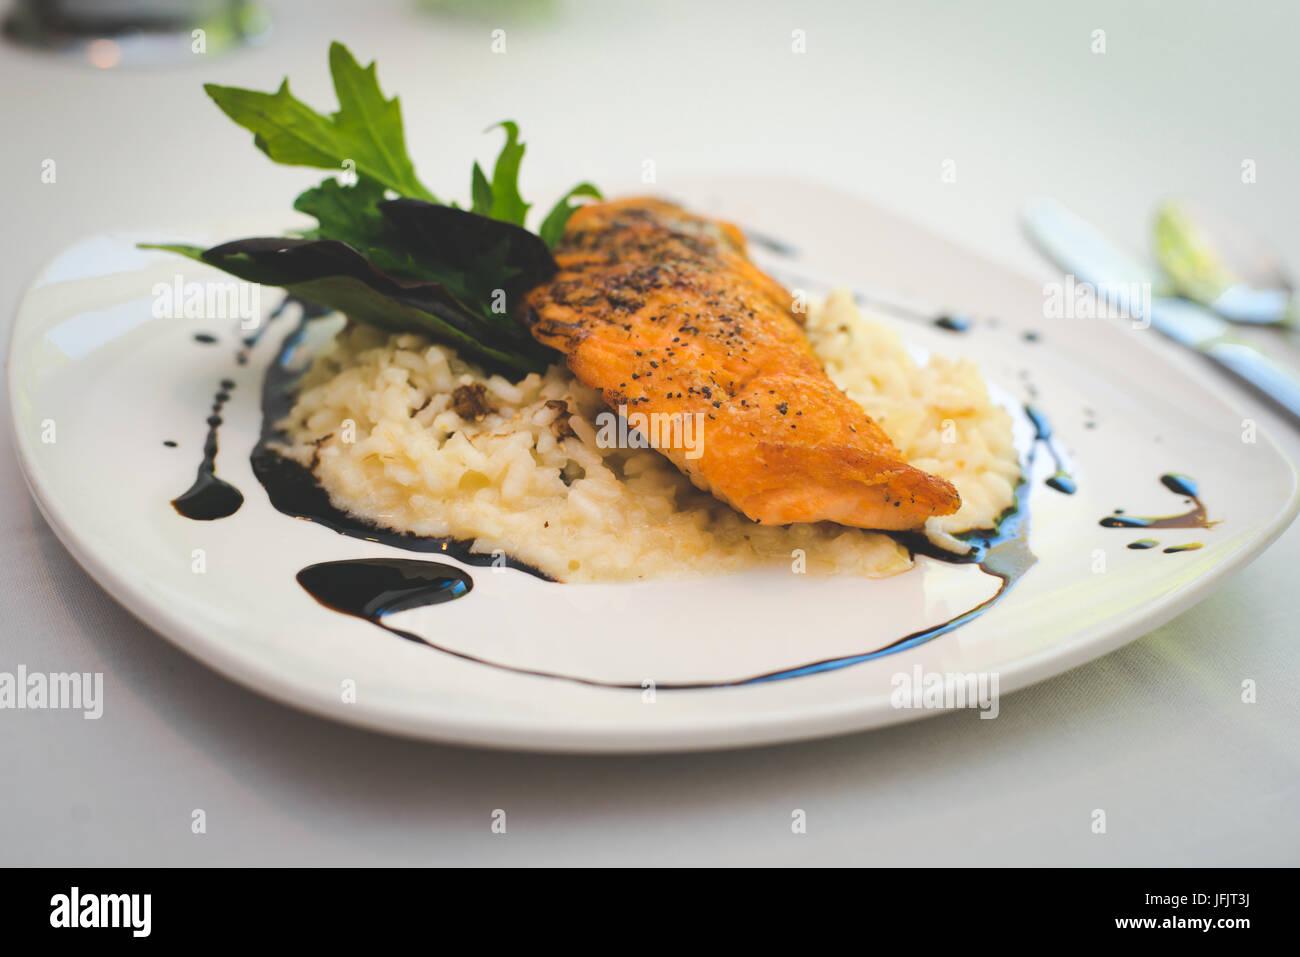 Seleccione restaurantes presentan sus alimentos en una forma pituresque. Imagen De Stock